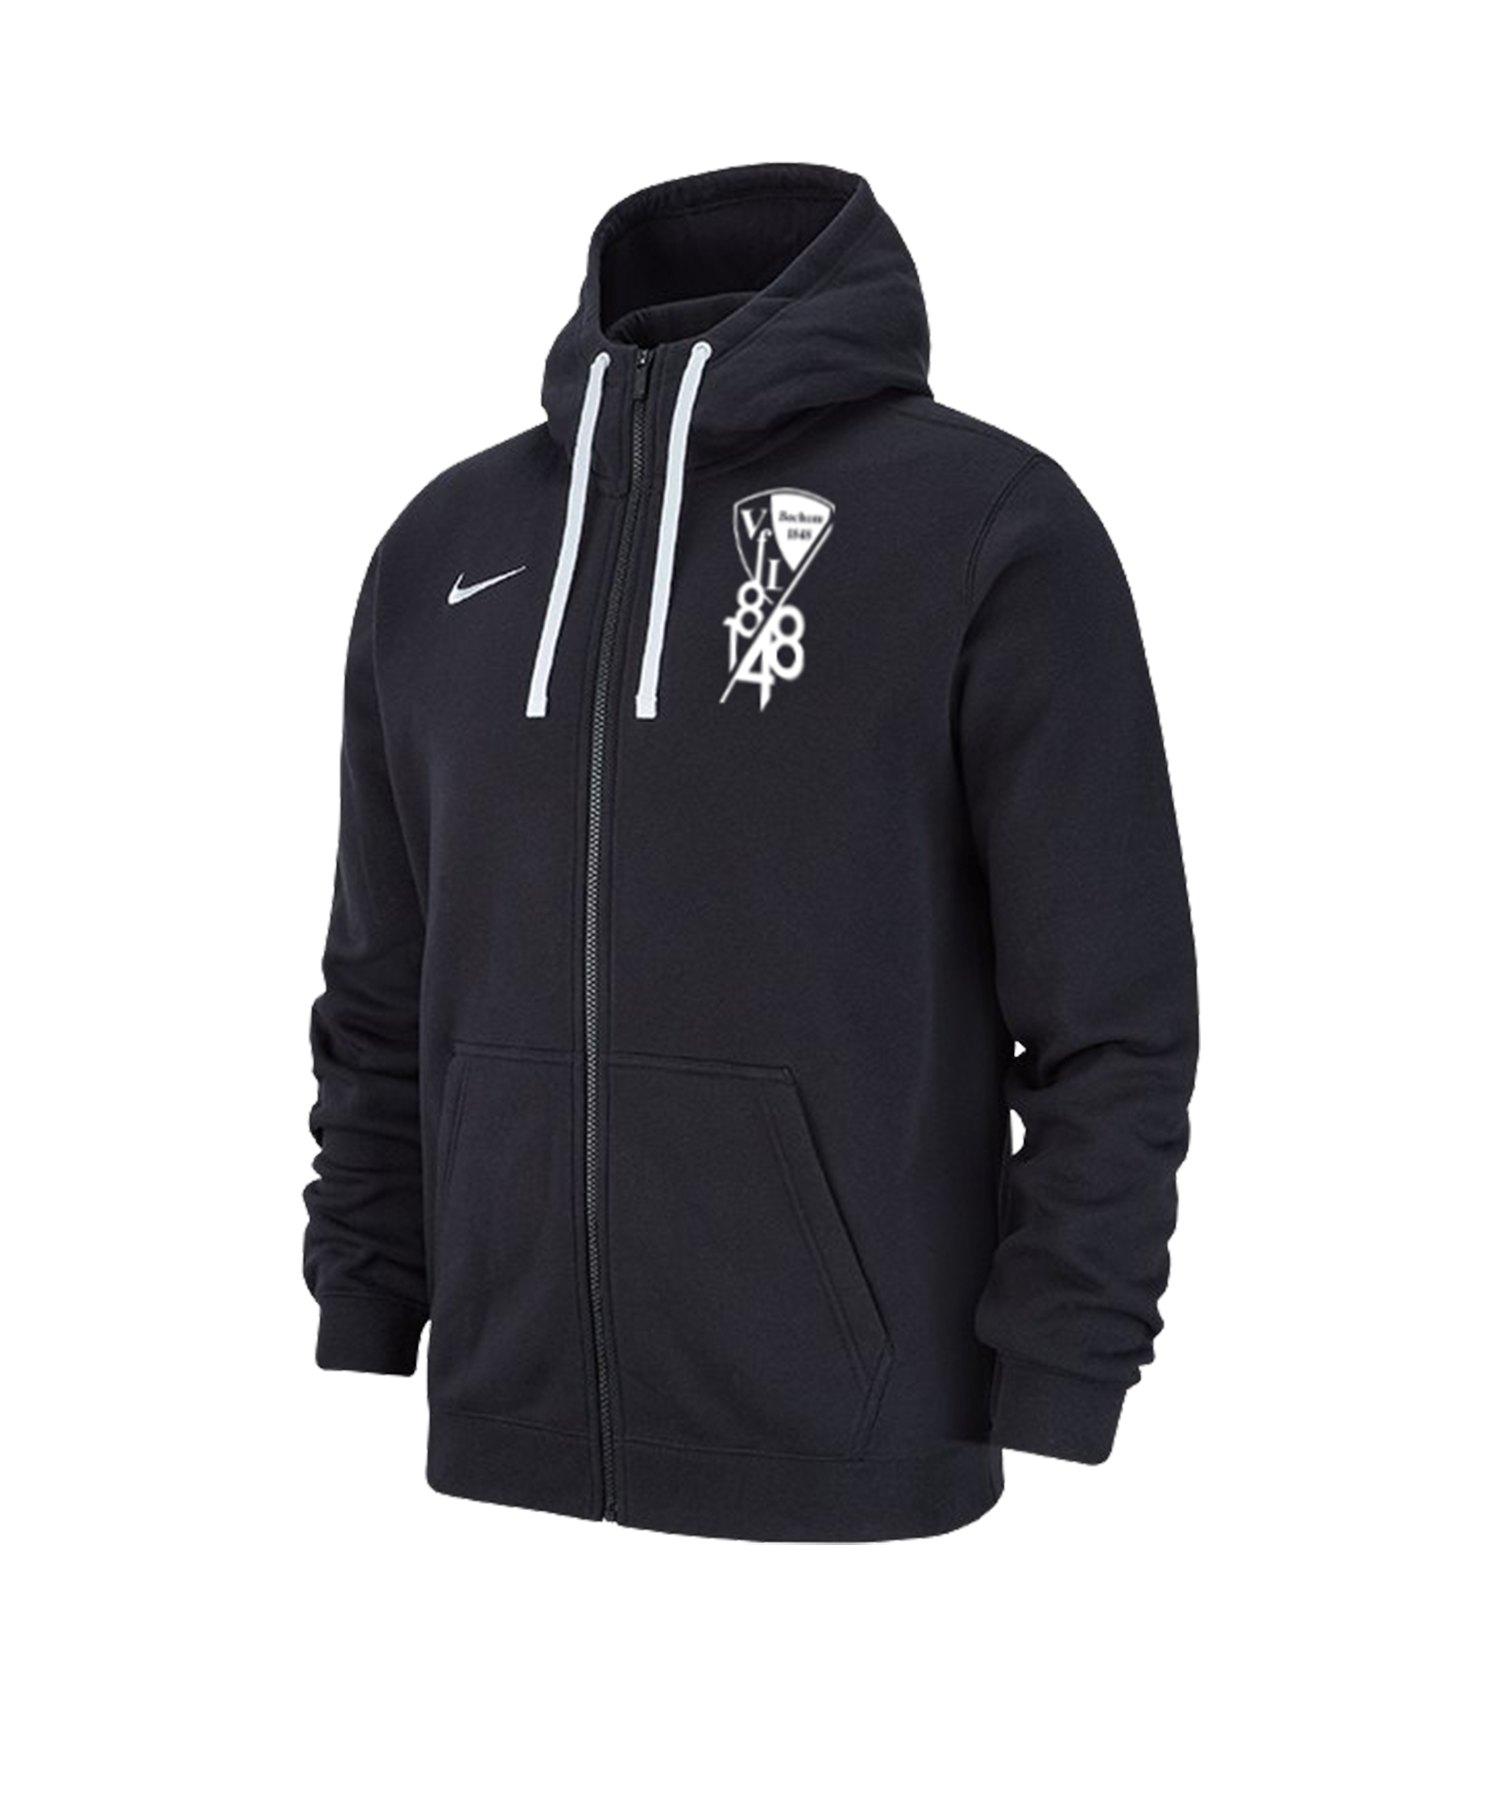 Nike VfL Bochum Kapuzenjacke Kids Schwarz F010 - schwarz